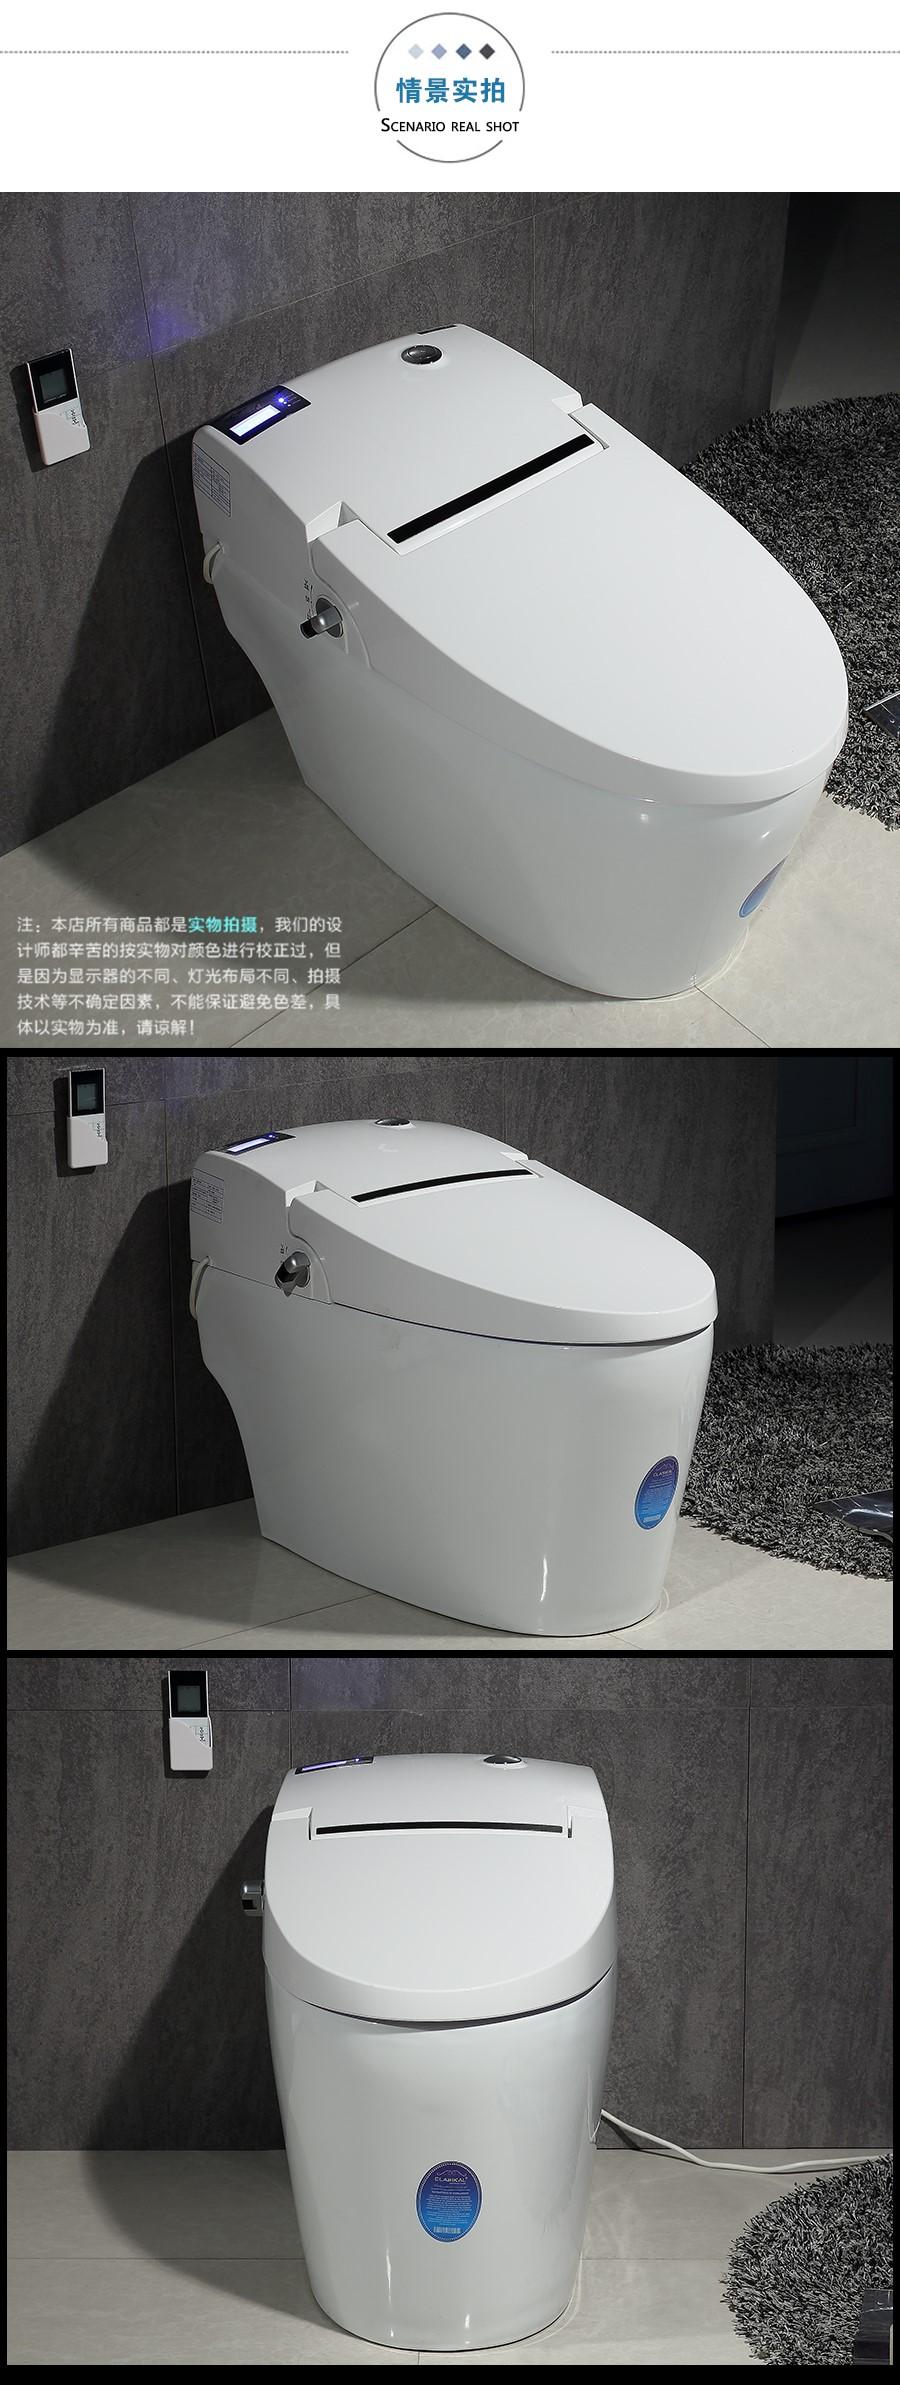 Best bathroom sanitary ware - Best Seller Multifunction Bathroom Sanitary Ware Automatic Self Clean Toilet Seat